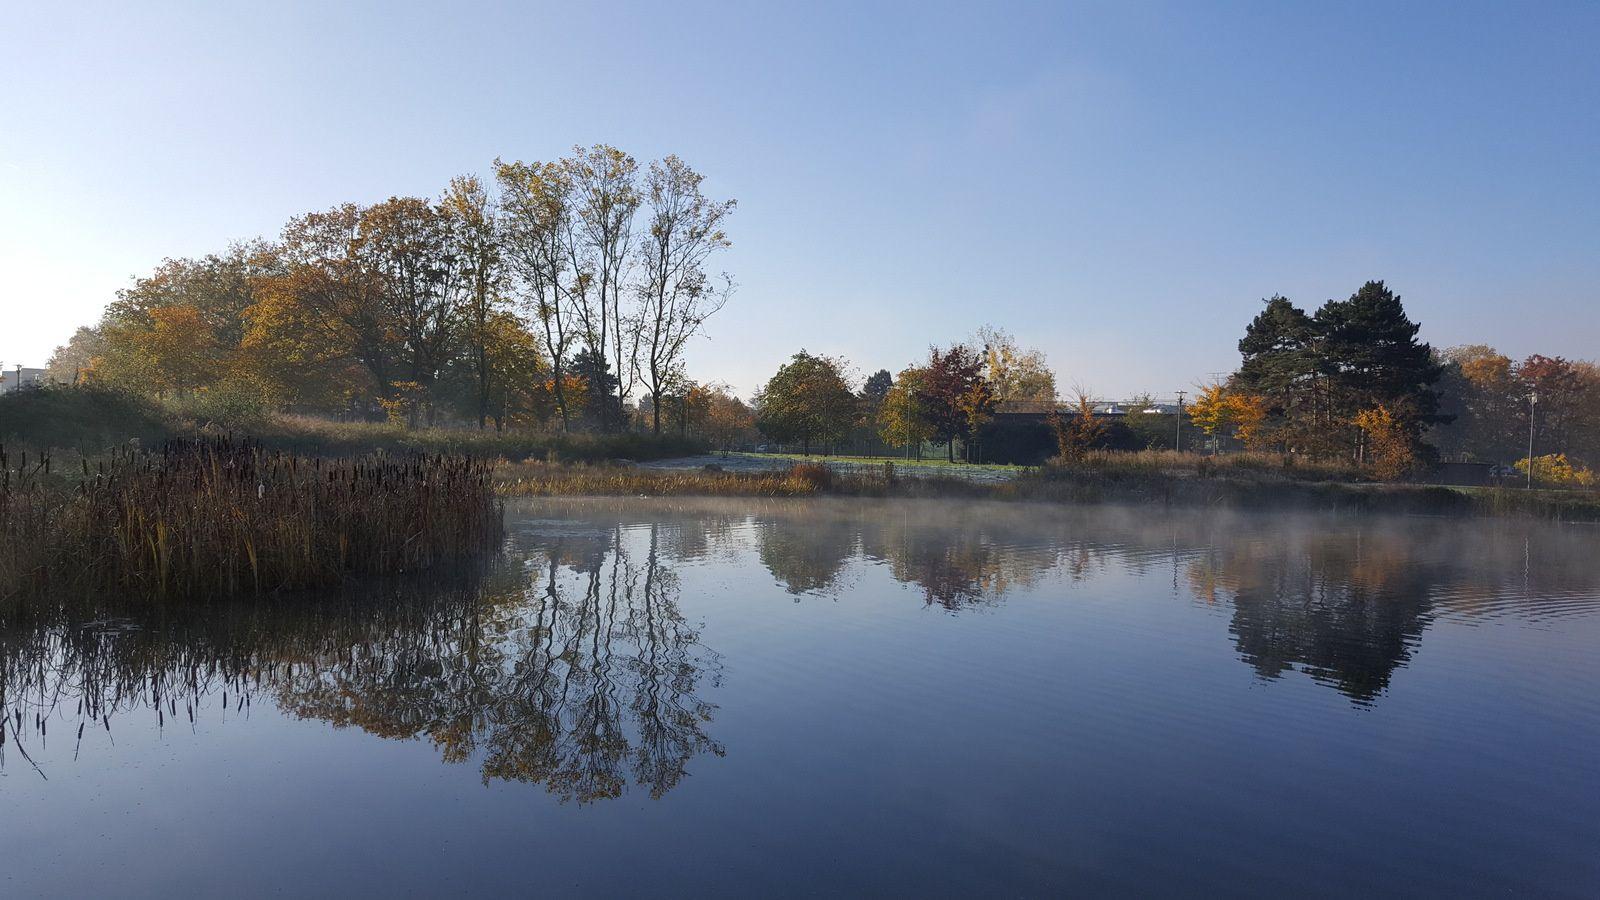 Cergy dans le parc de la préfecture entre brouillard et soleil d'automne